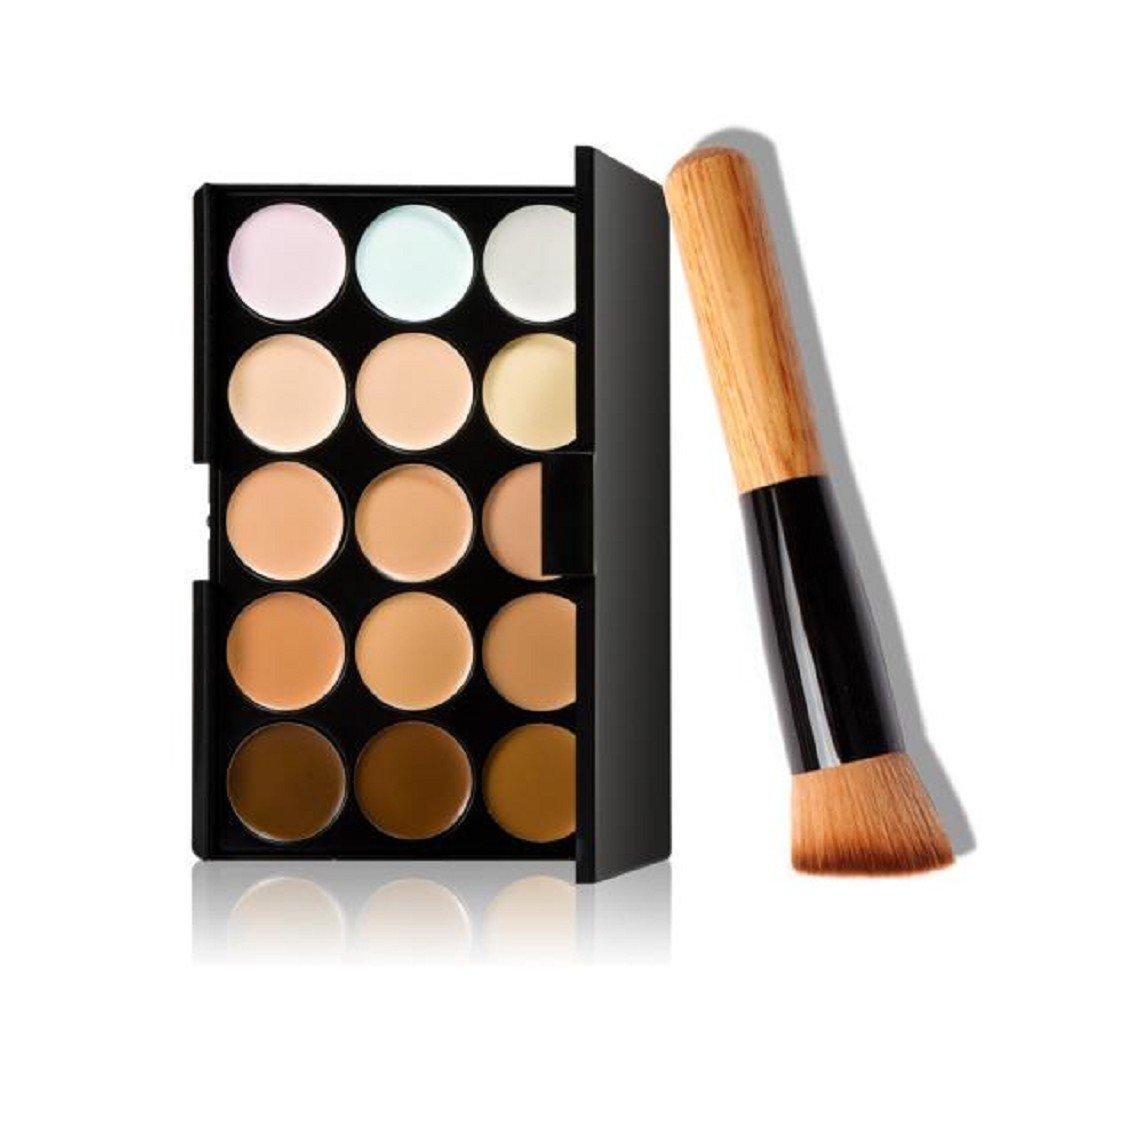 maquillage pas cher en ligne canada